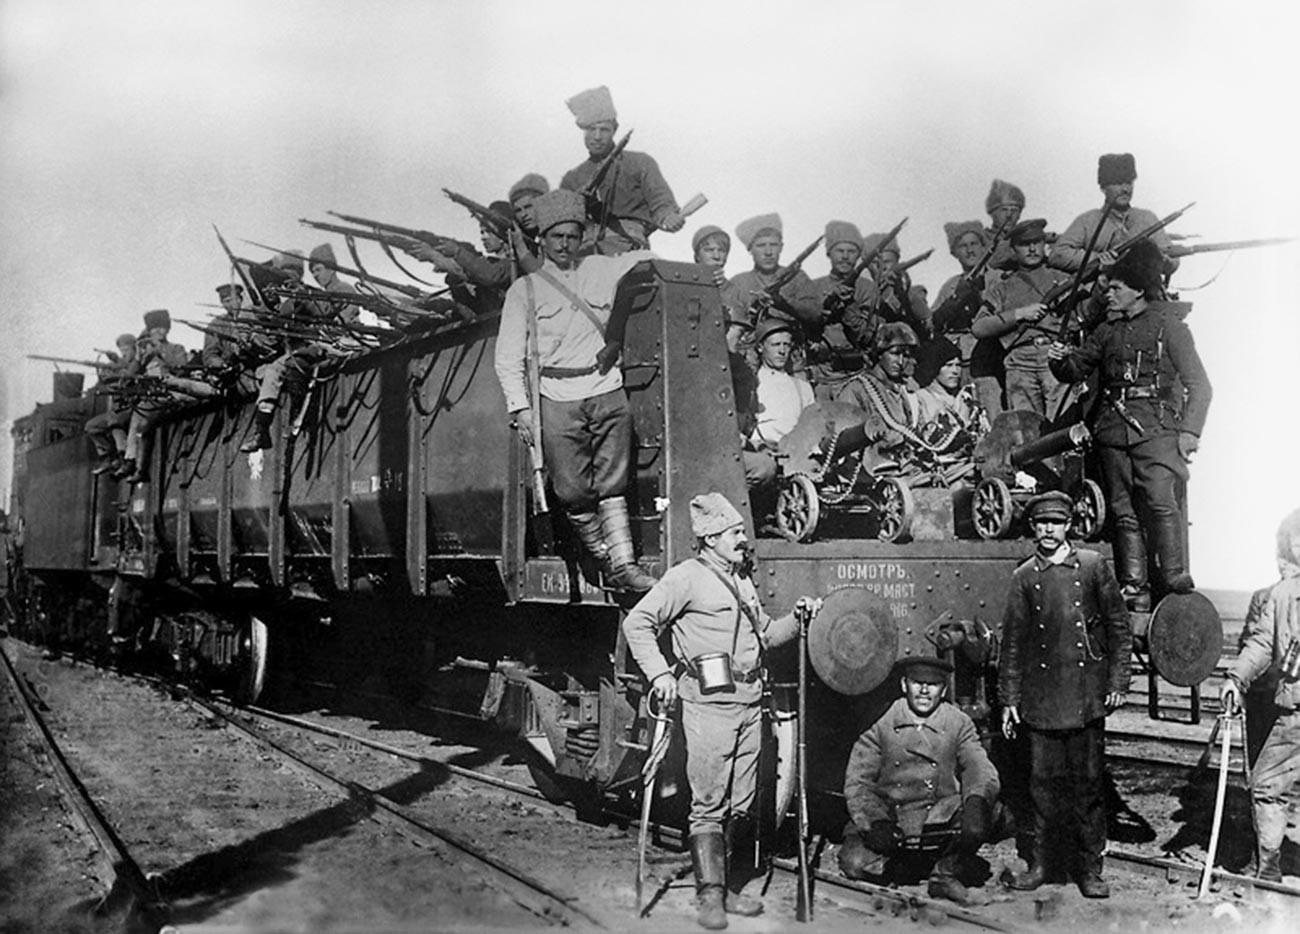 El tren blindado soviético.